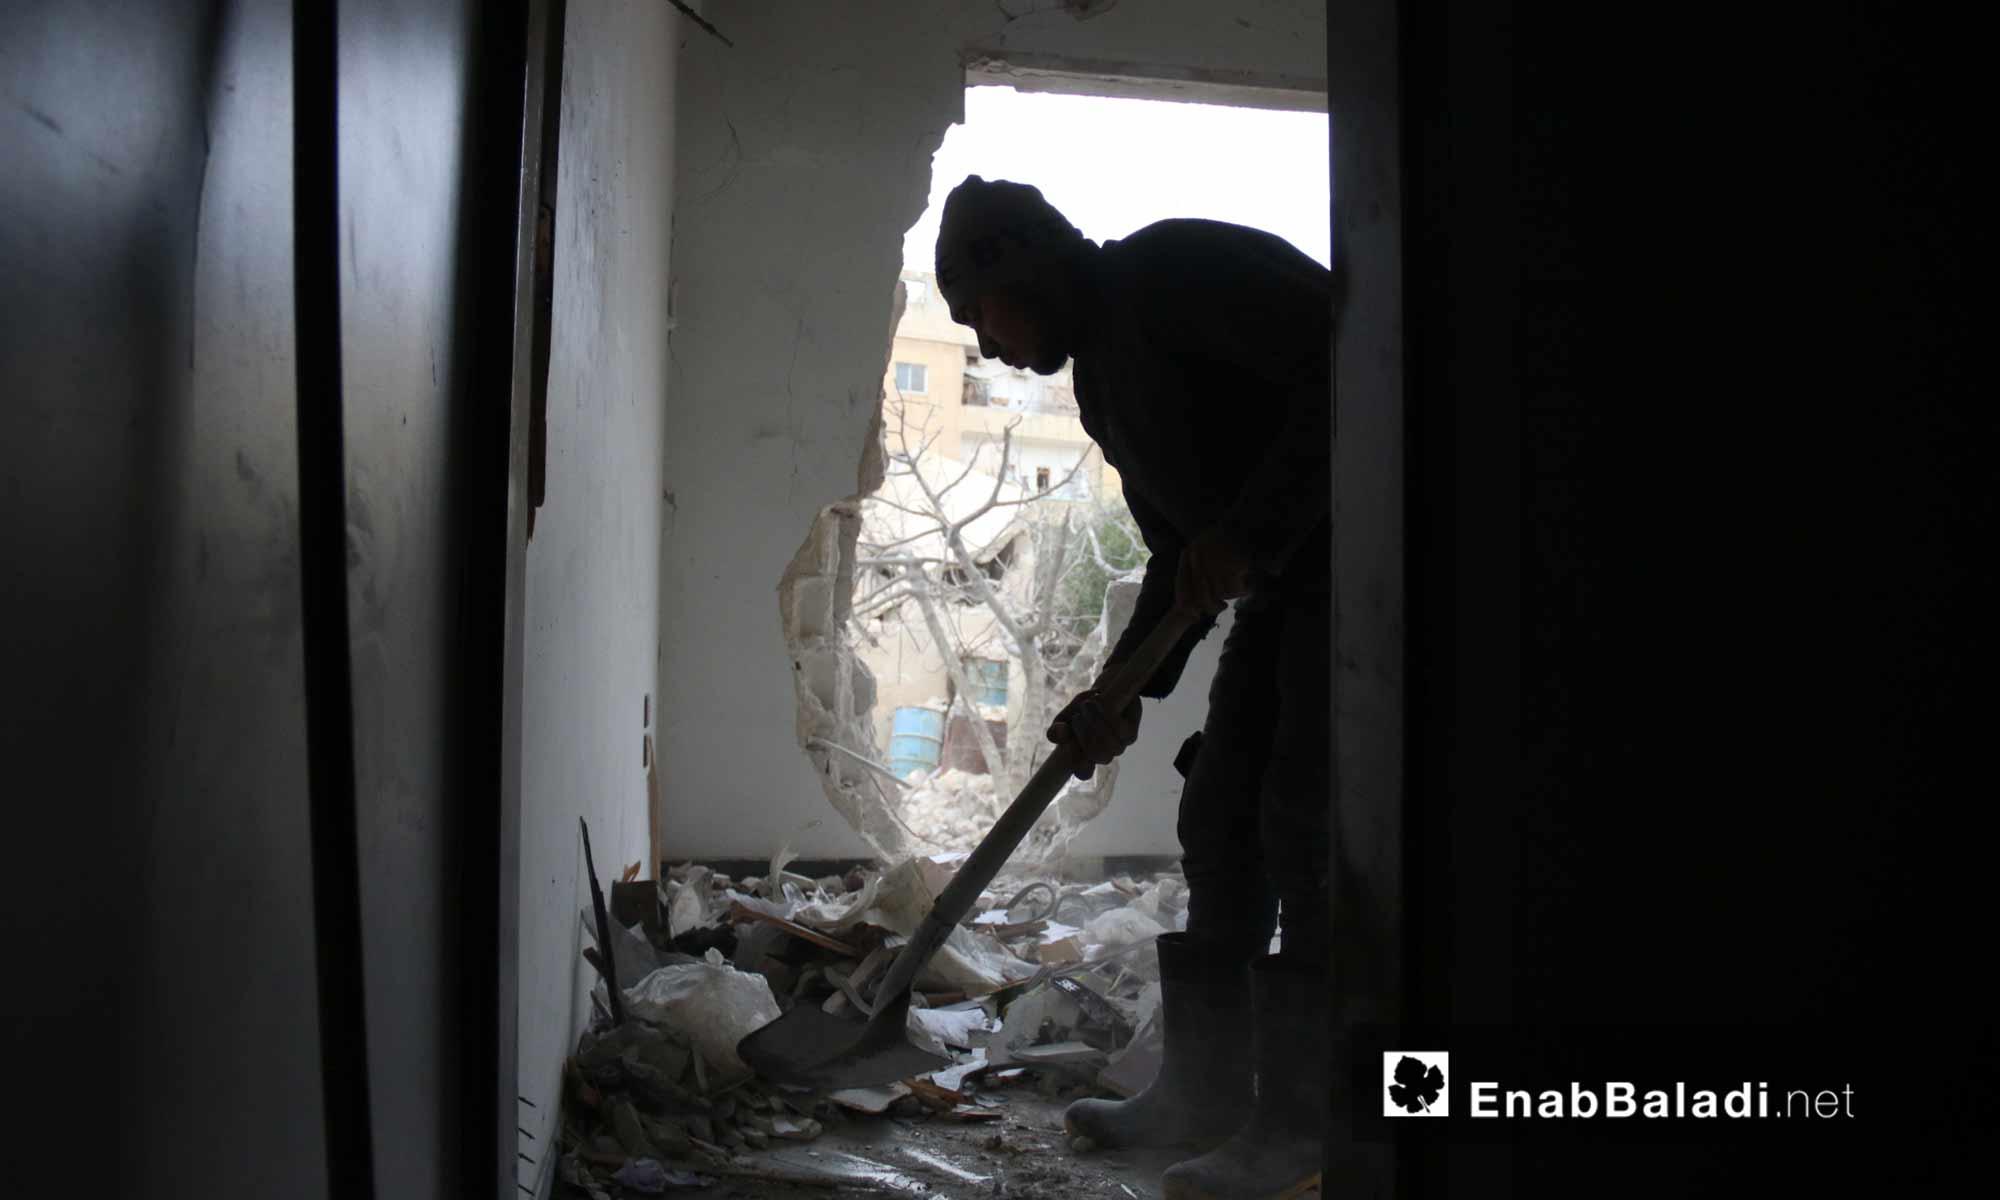 آثار القصف الروسي على الأحياء السكنية وسط مدينة إدلب 14 آذار 2019 (عنب بلدي)